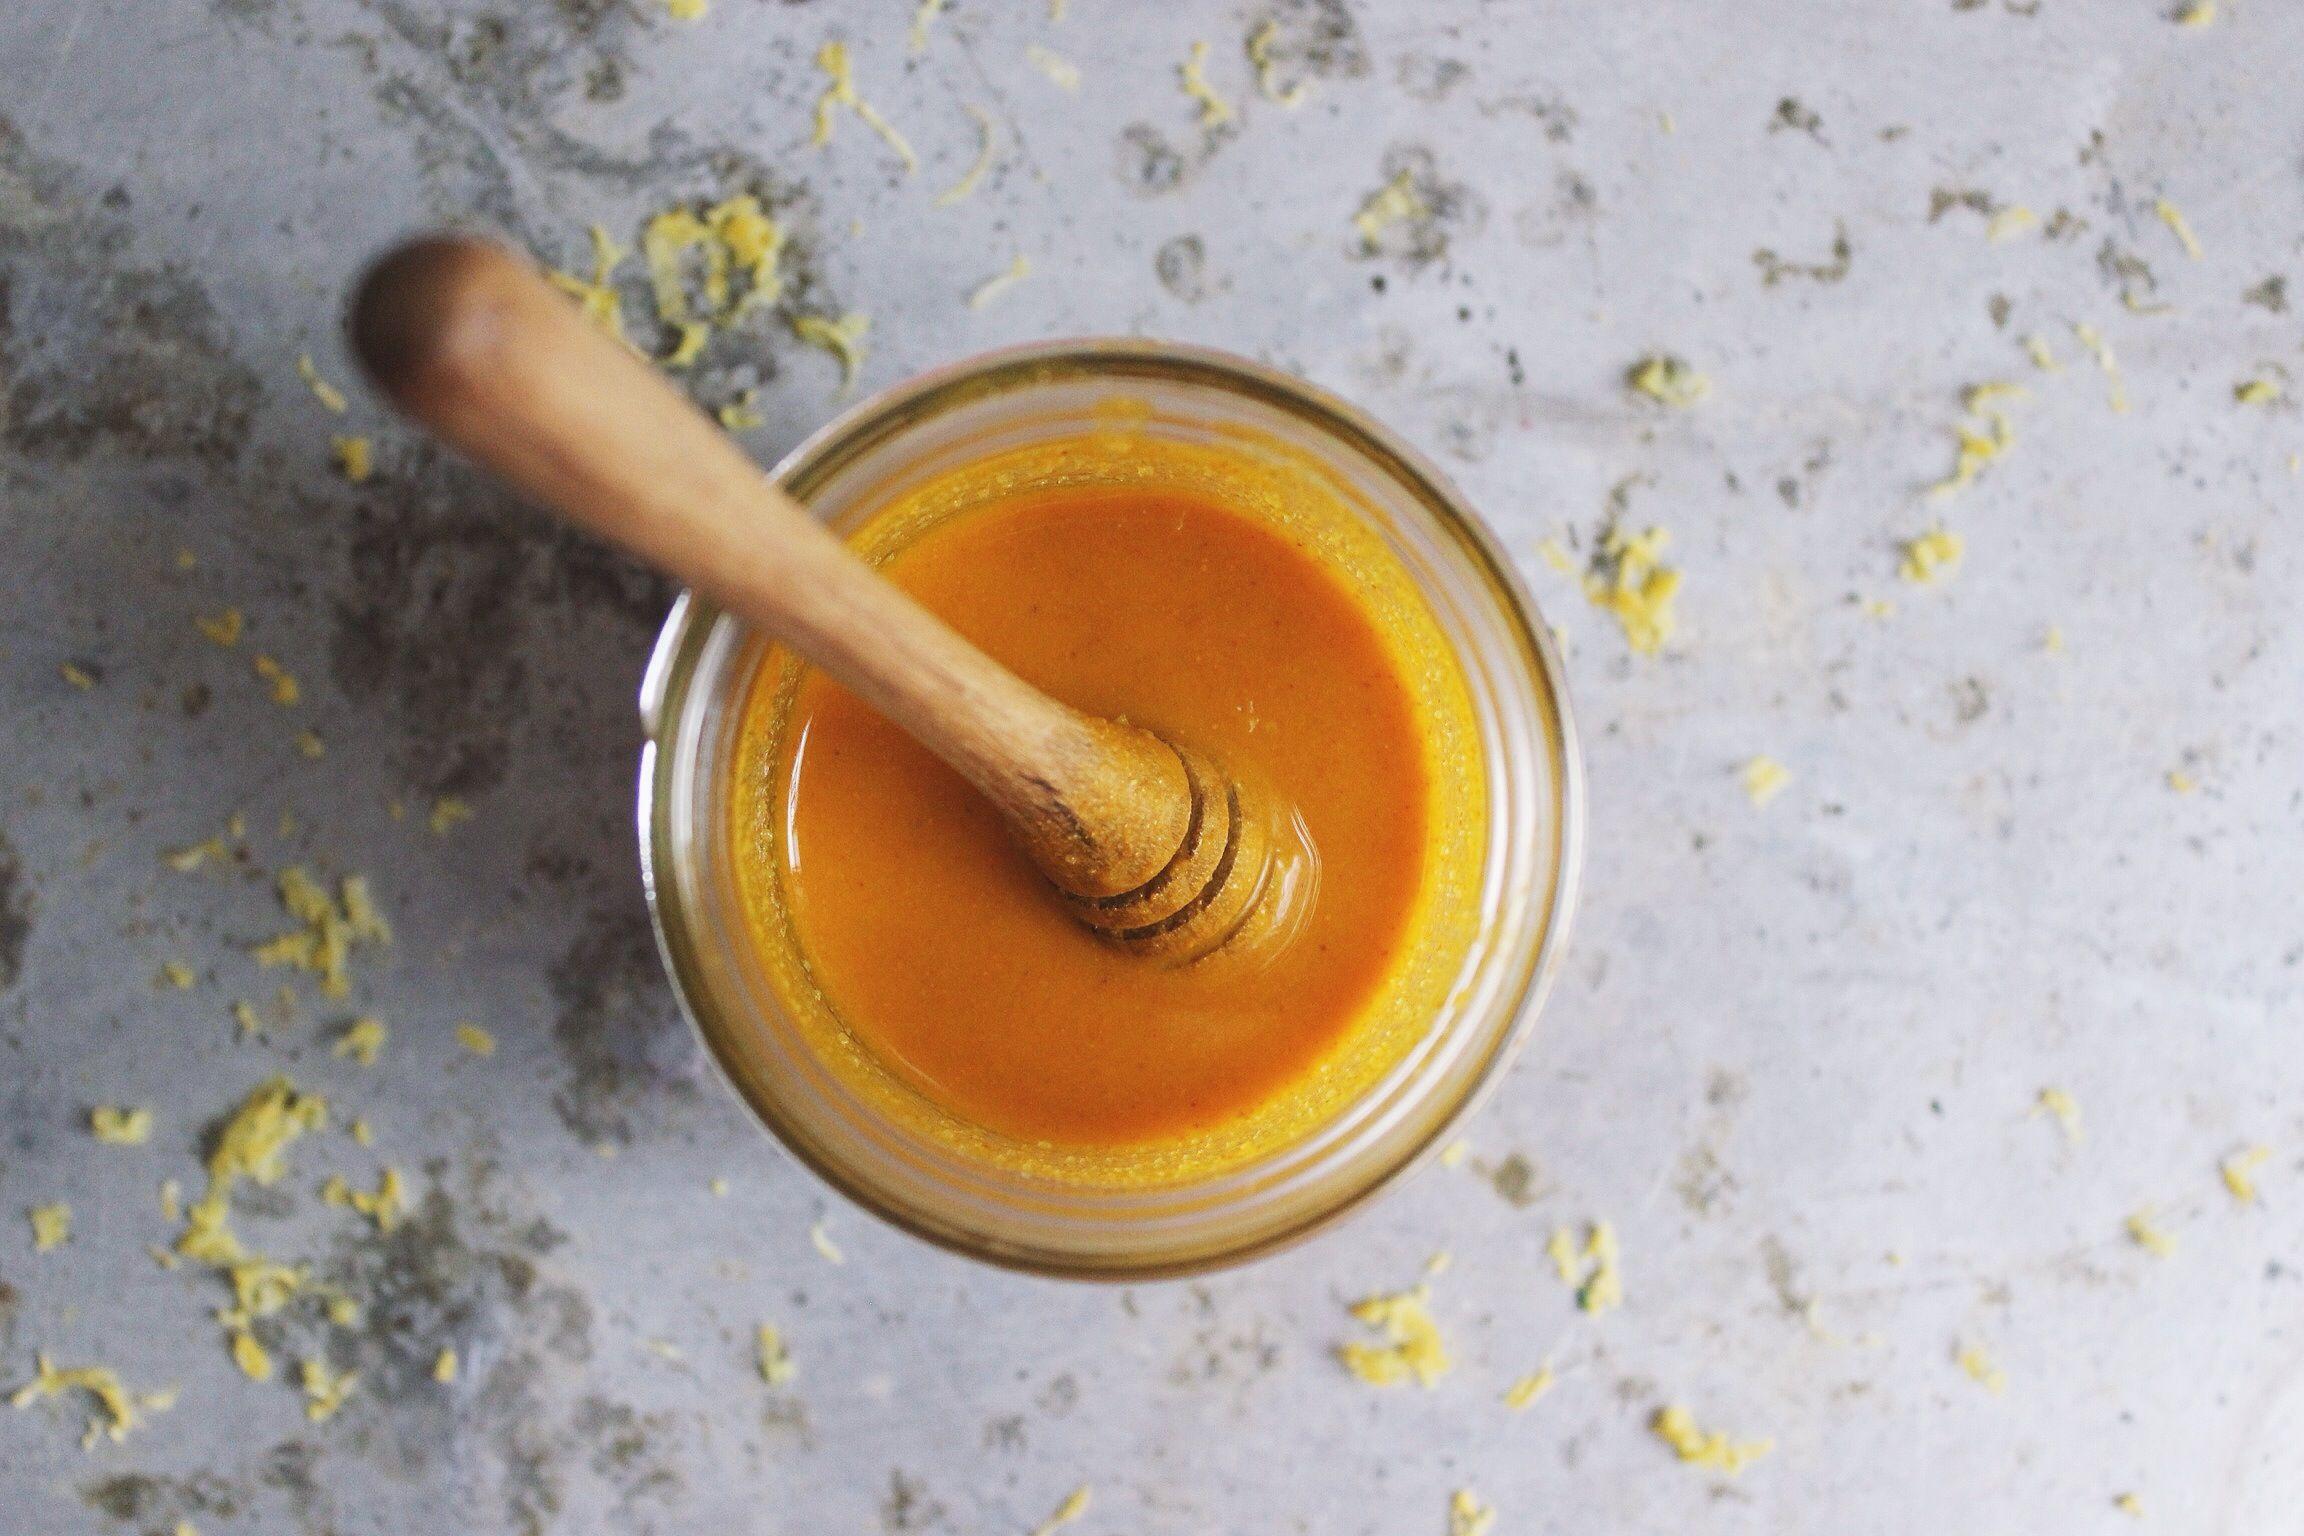 Turmericul amestecat cu miere, cel mai puternic medicament natural